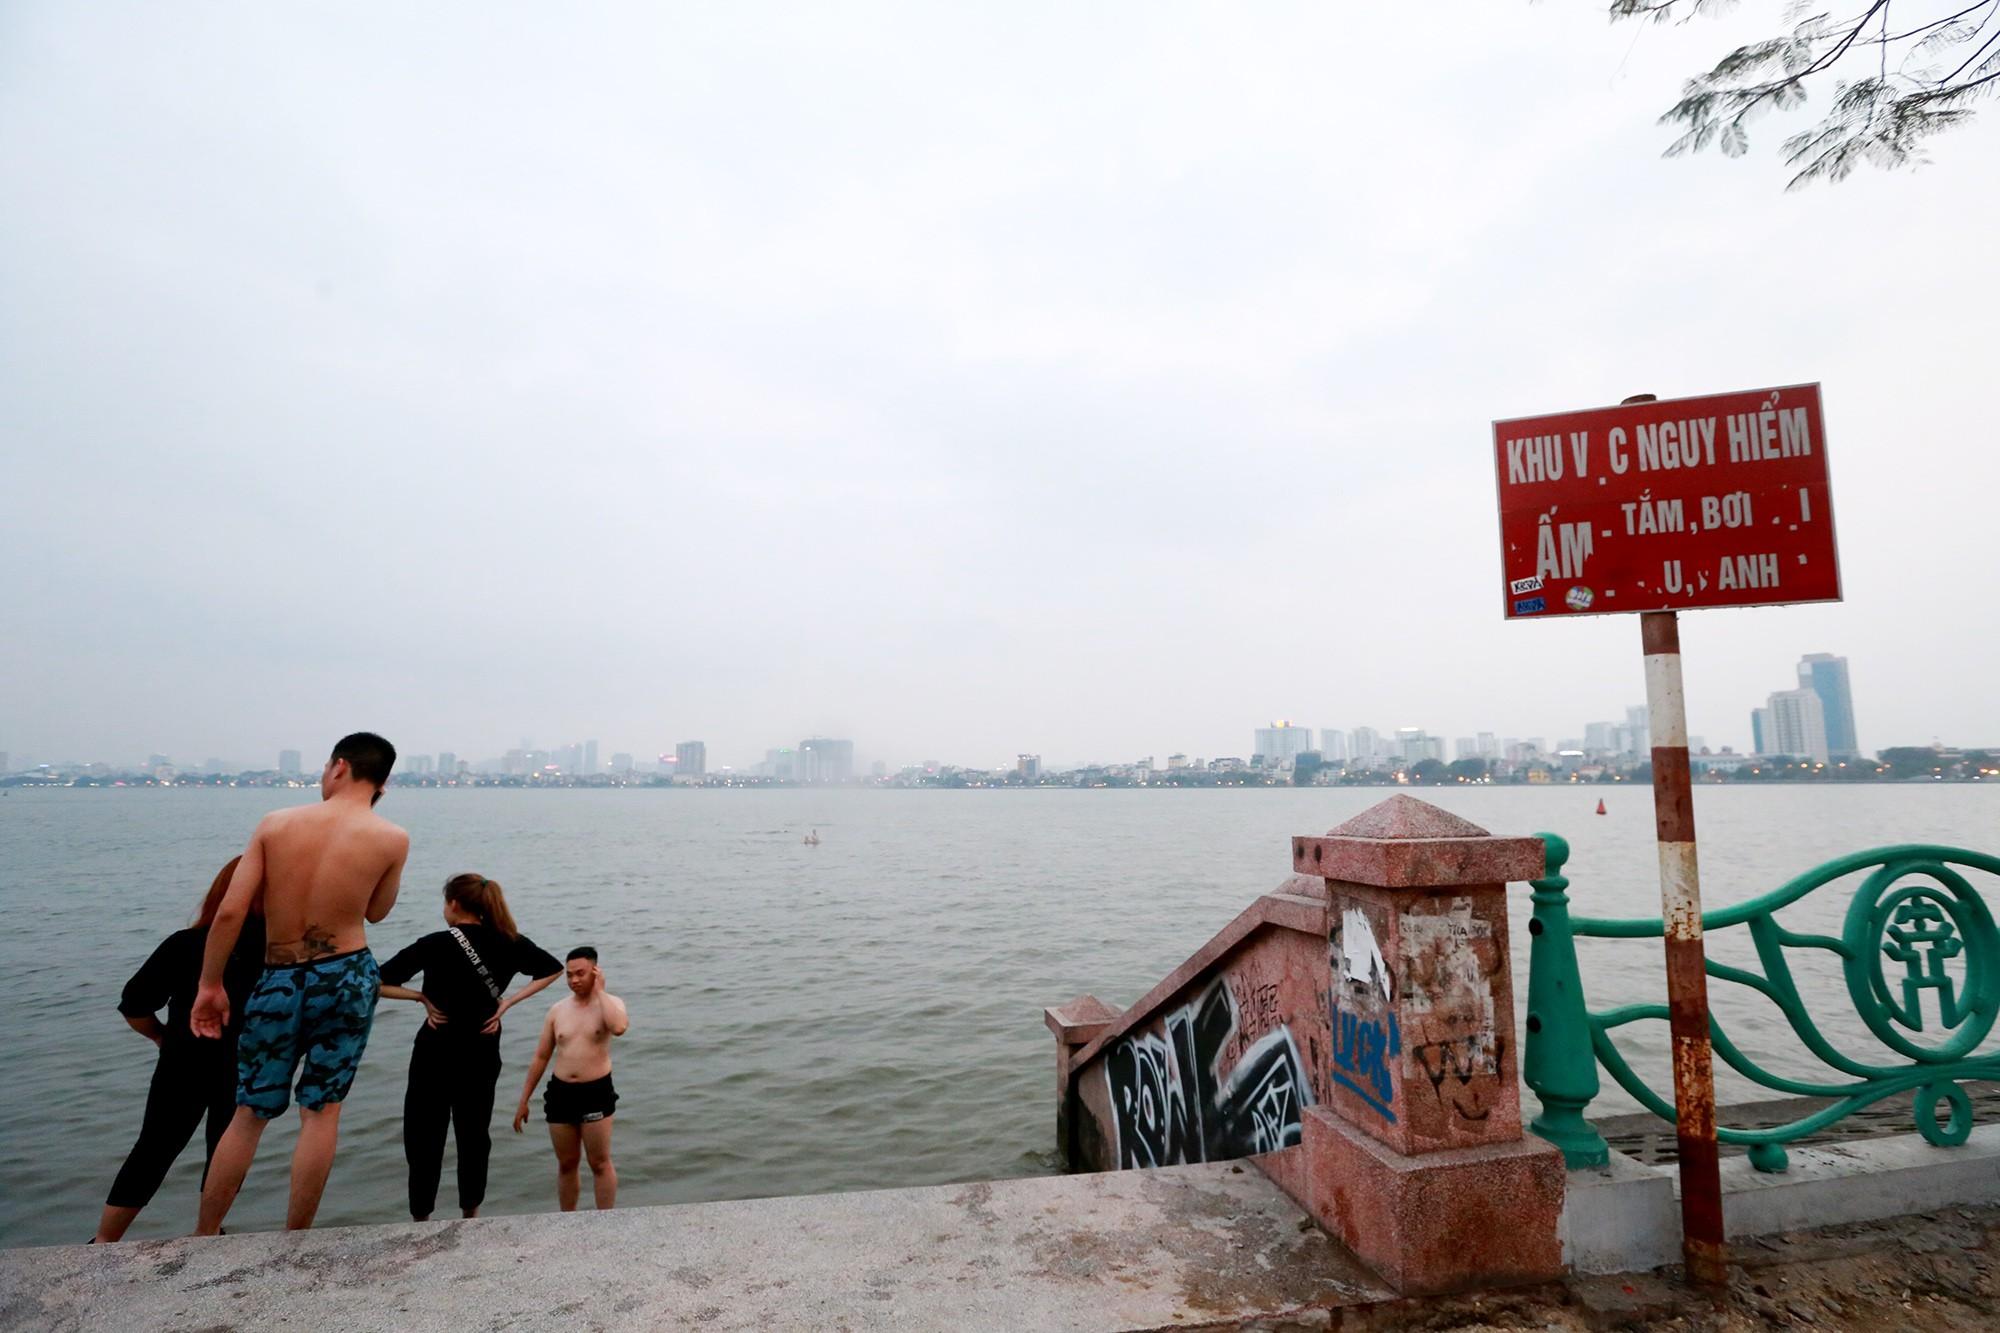 Hà Nội: Người lớn, trẻ nhỏ dắt nhau ra hồ Tây giải nhiệt ngày nắng nóng - Ảnh 14.